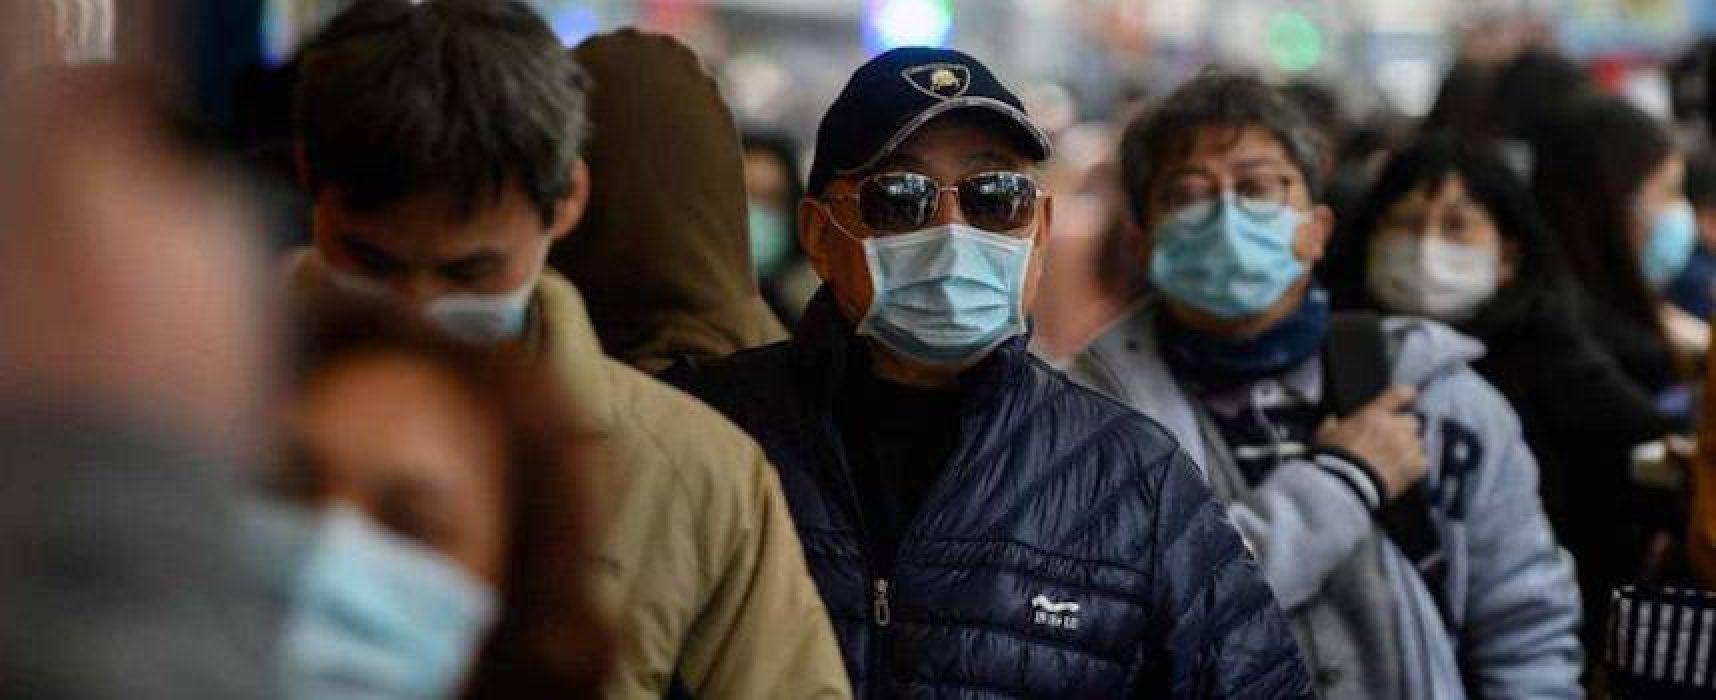 Coronavirus, boom vendite di mascherine in farmacie e ferramenta biscegliesi